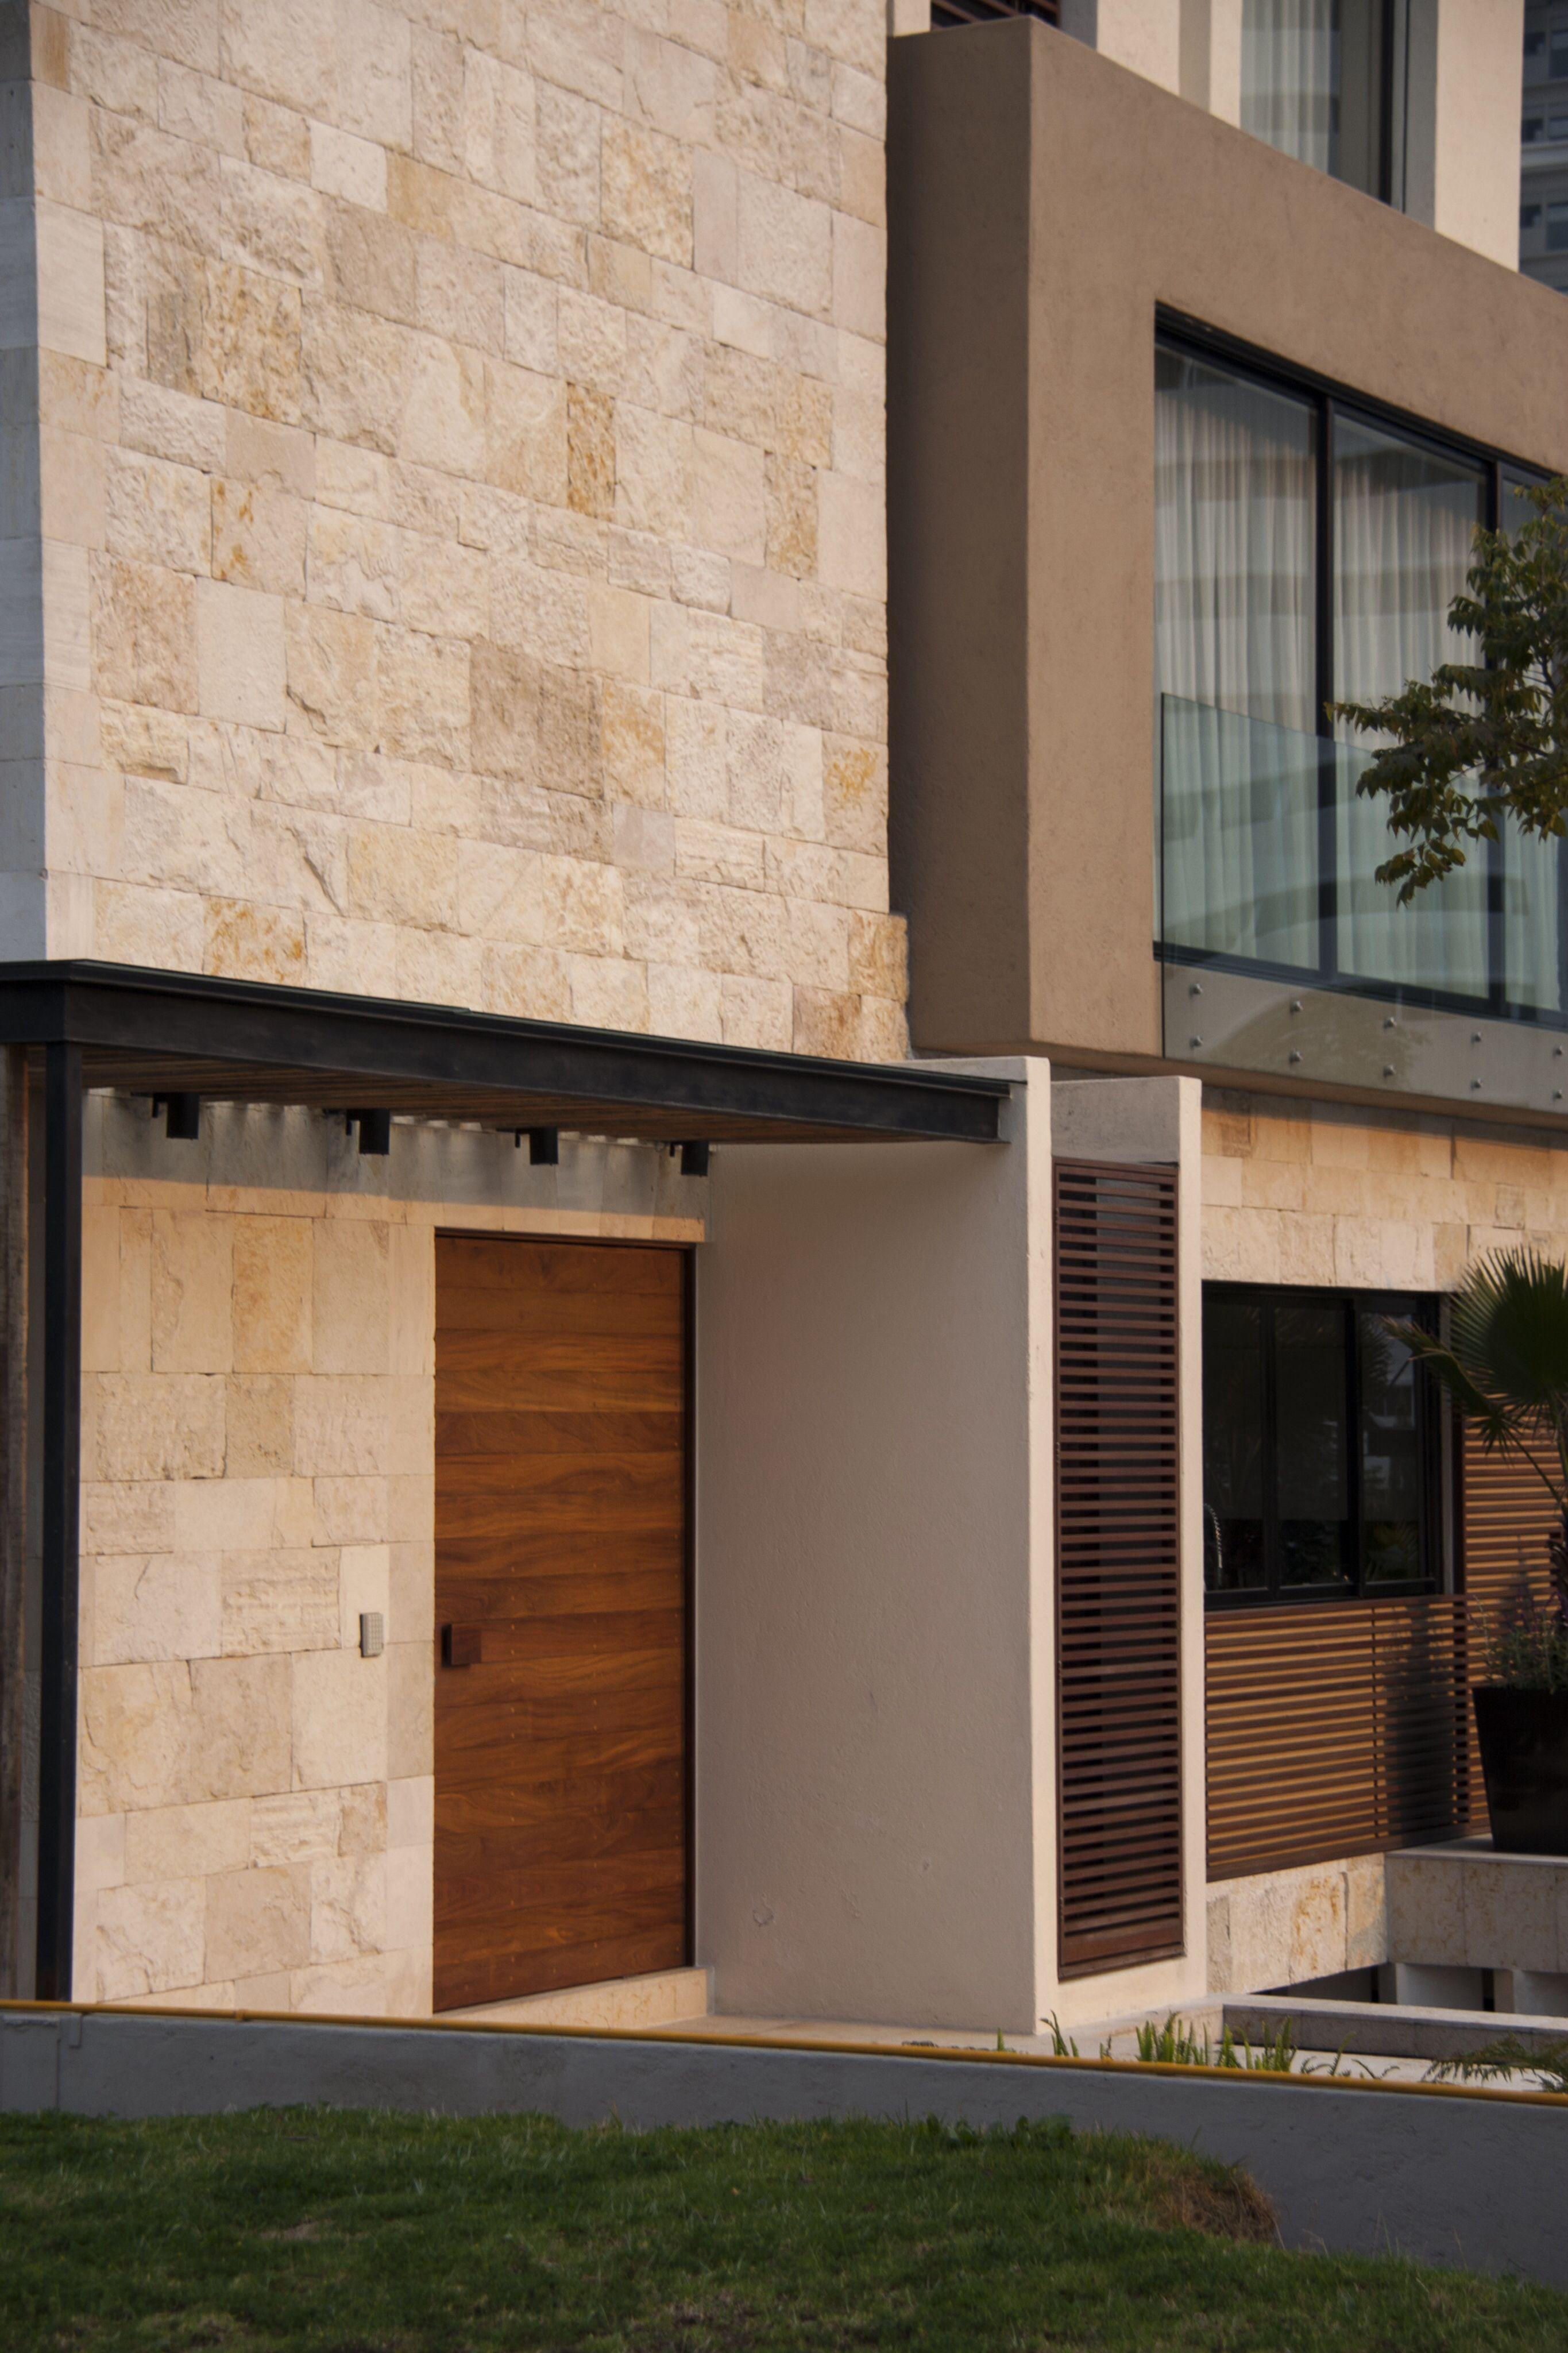 Casa ss fachada muros de piedra puerta de madera - Muros de piedra ...